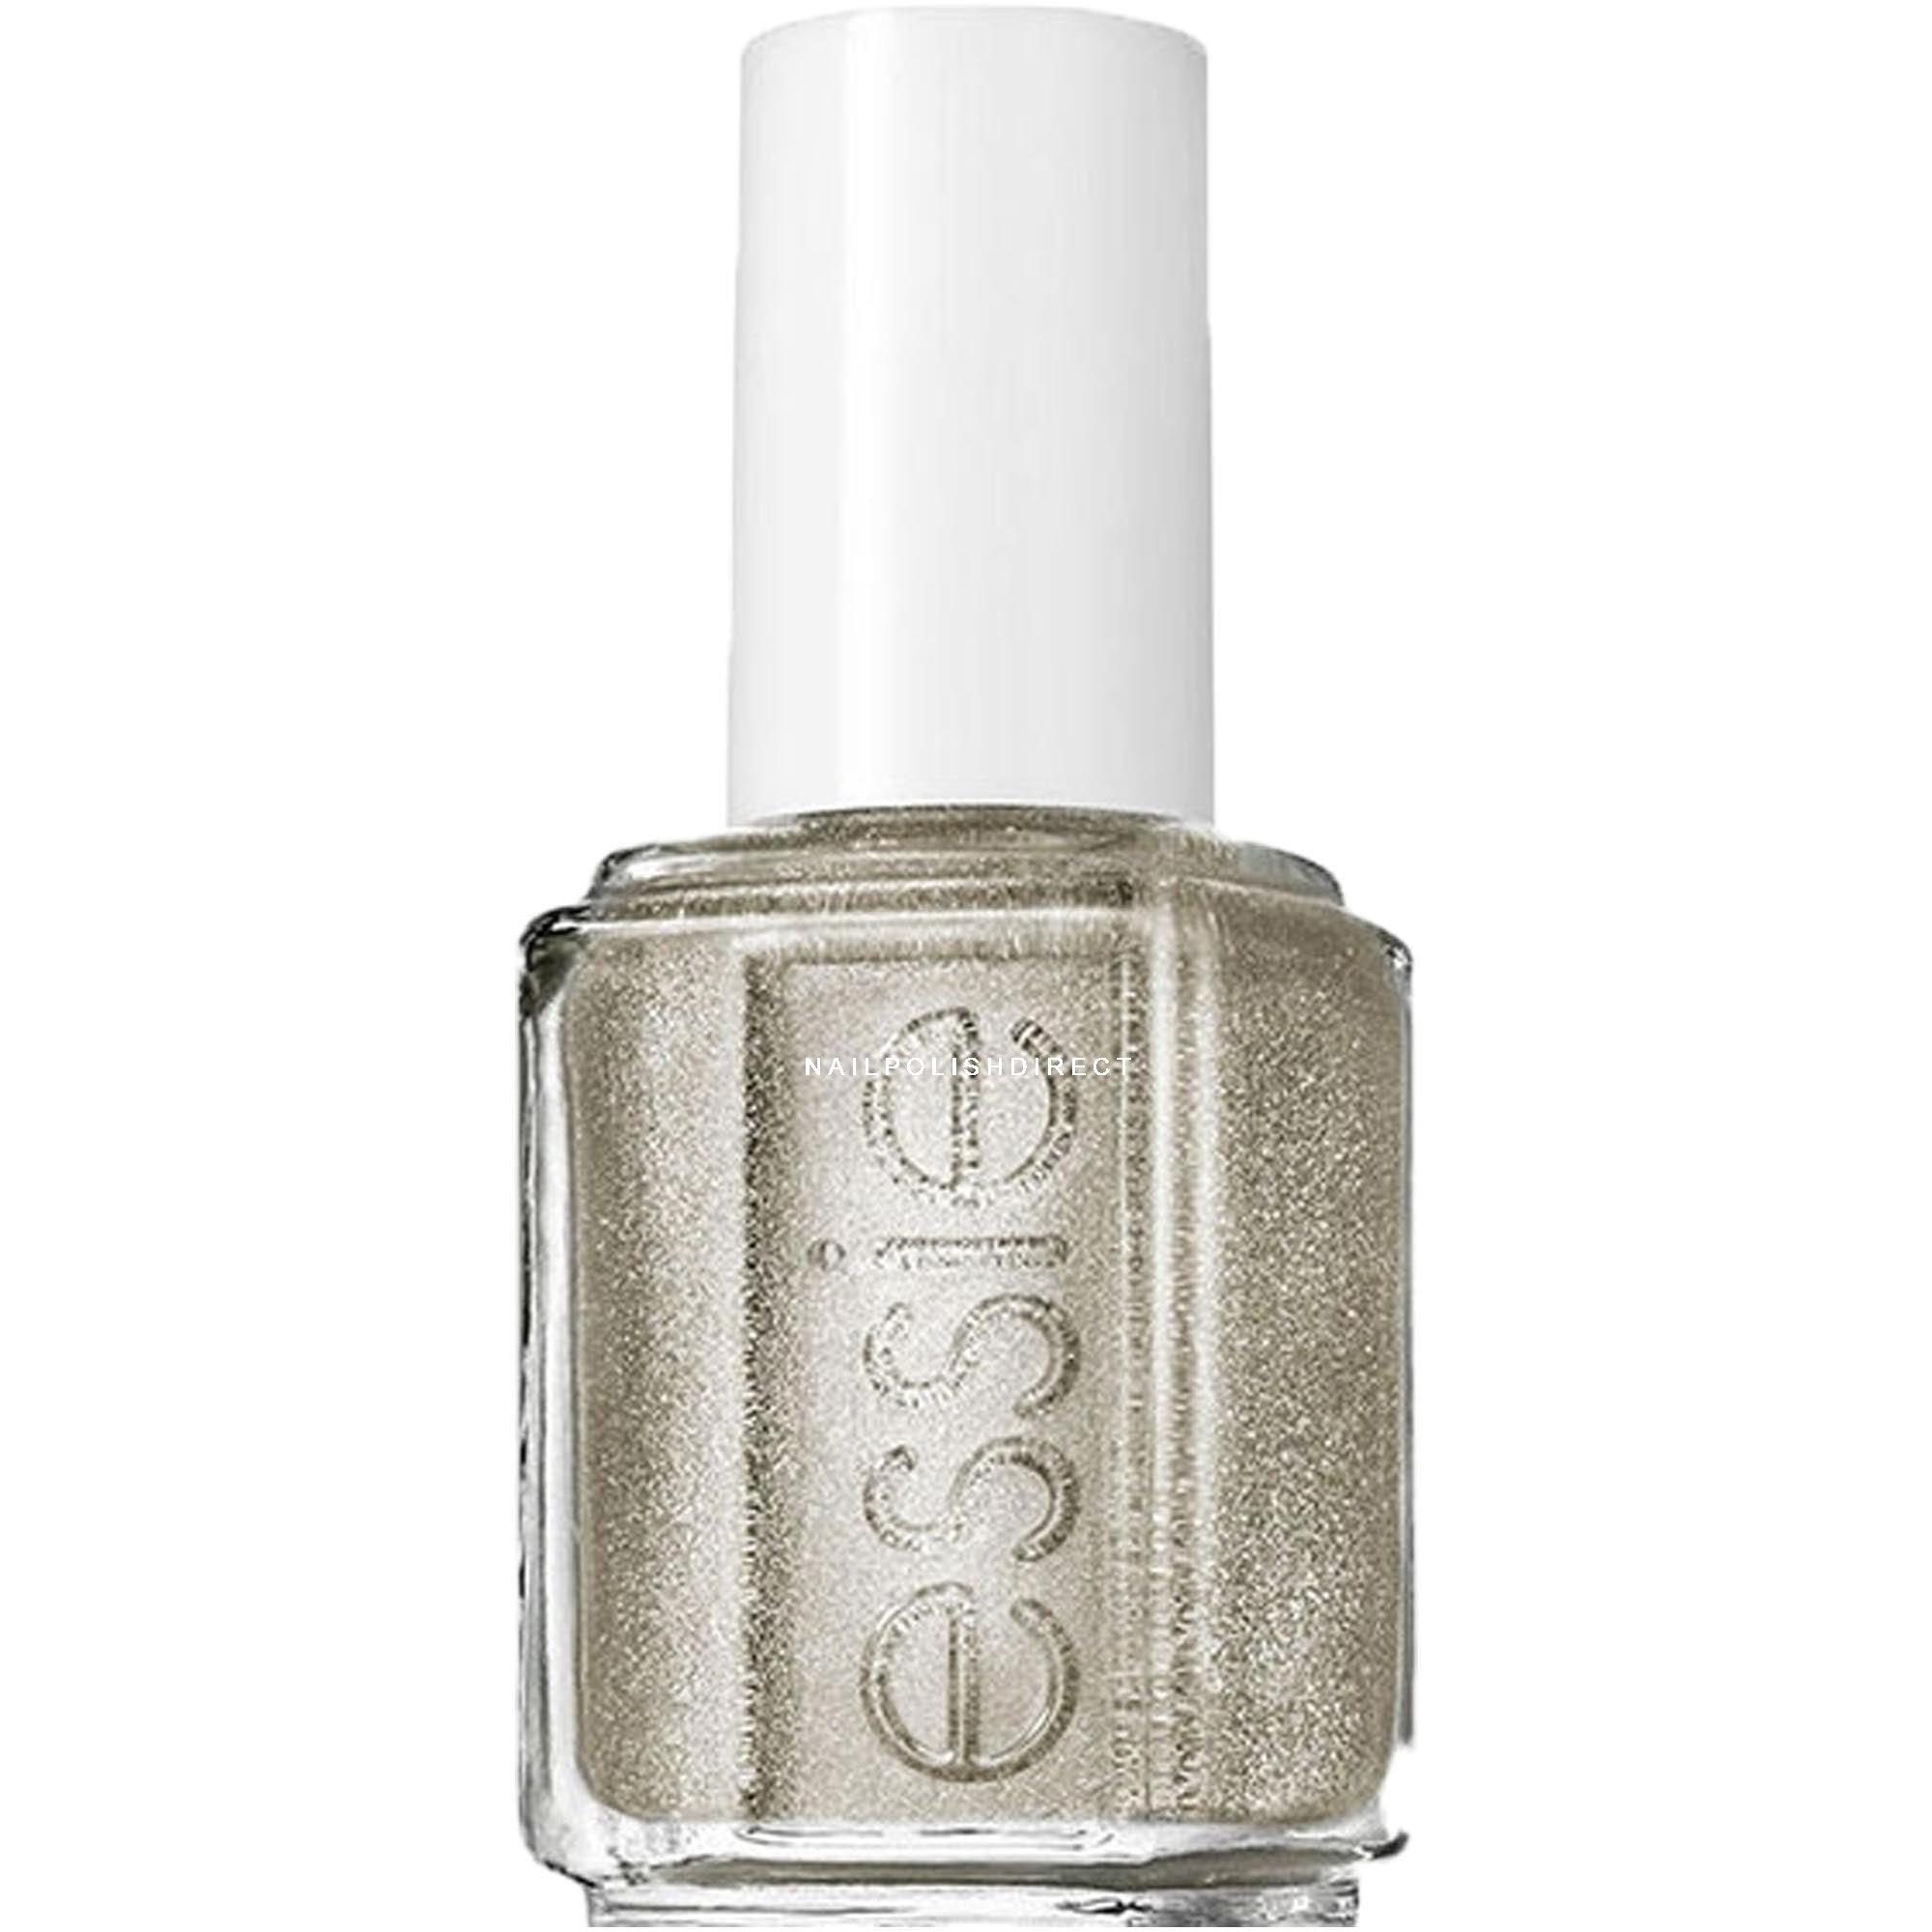 Essie Professional Quality Nail Polish - Beyond Cozy 15ml (816)